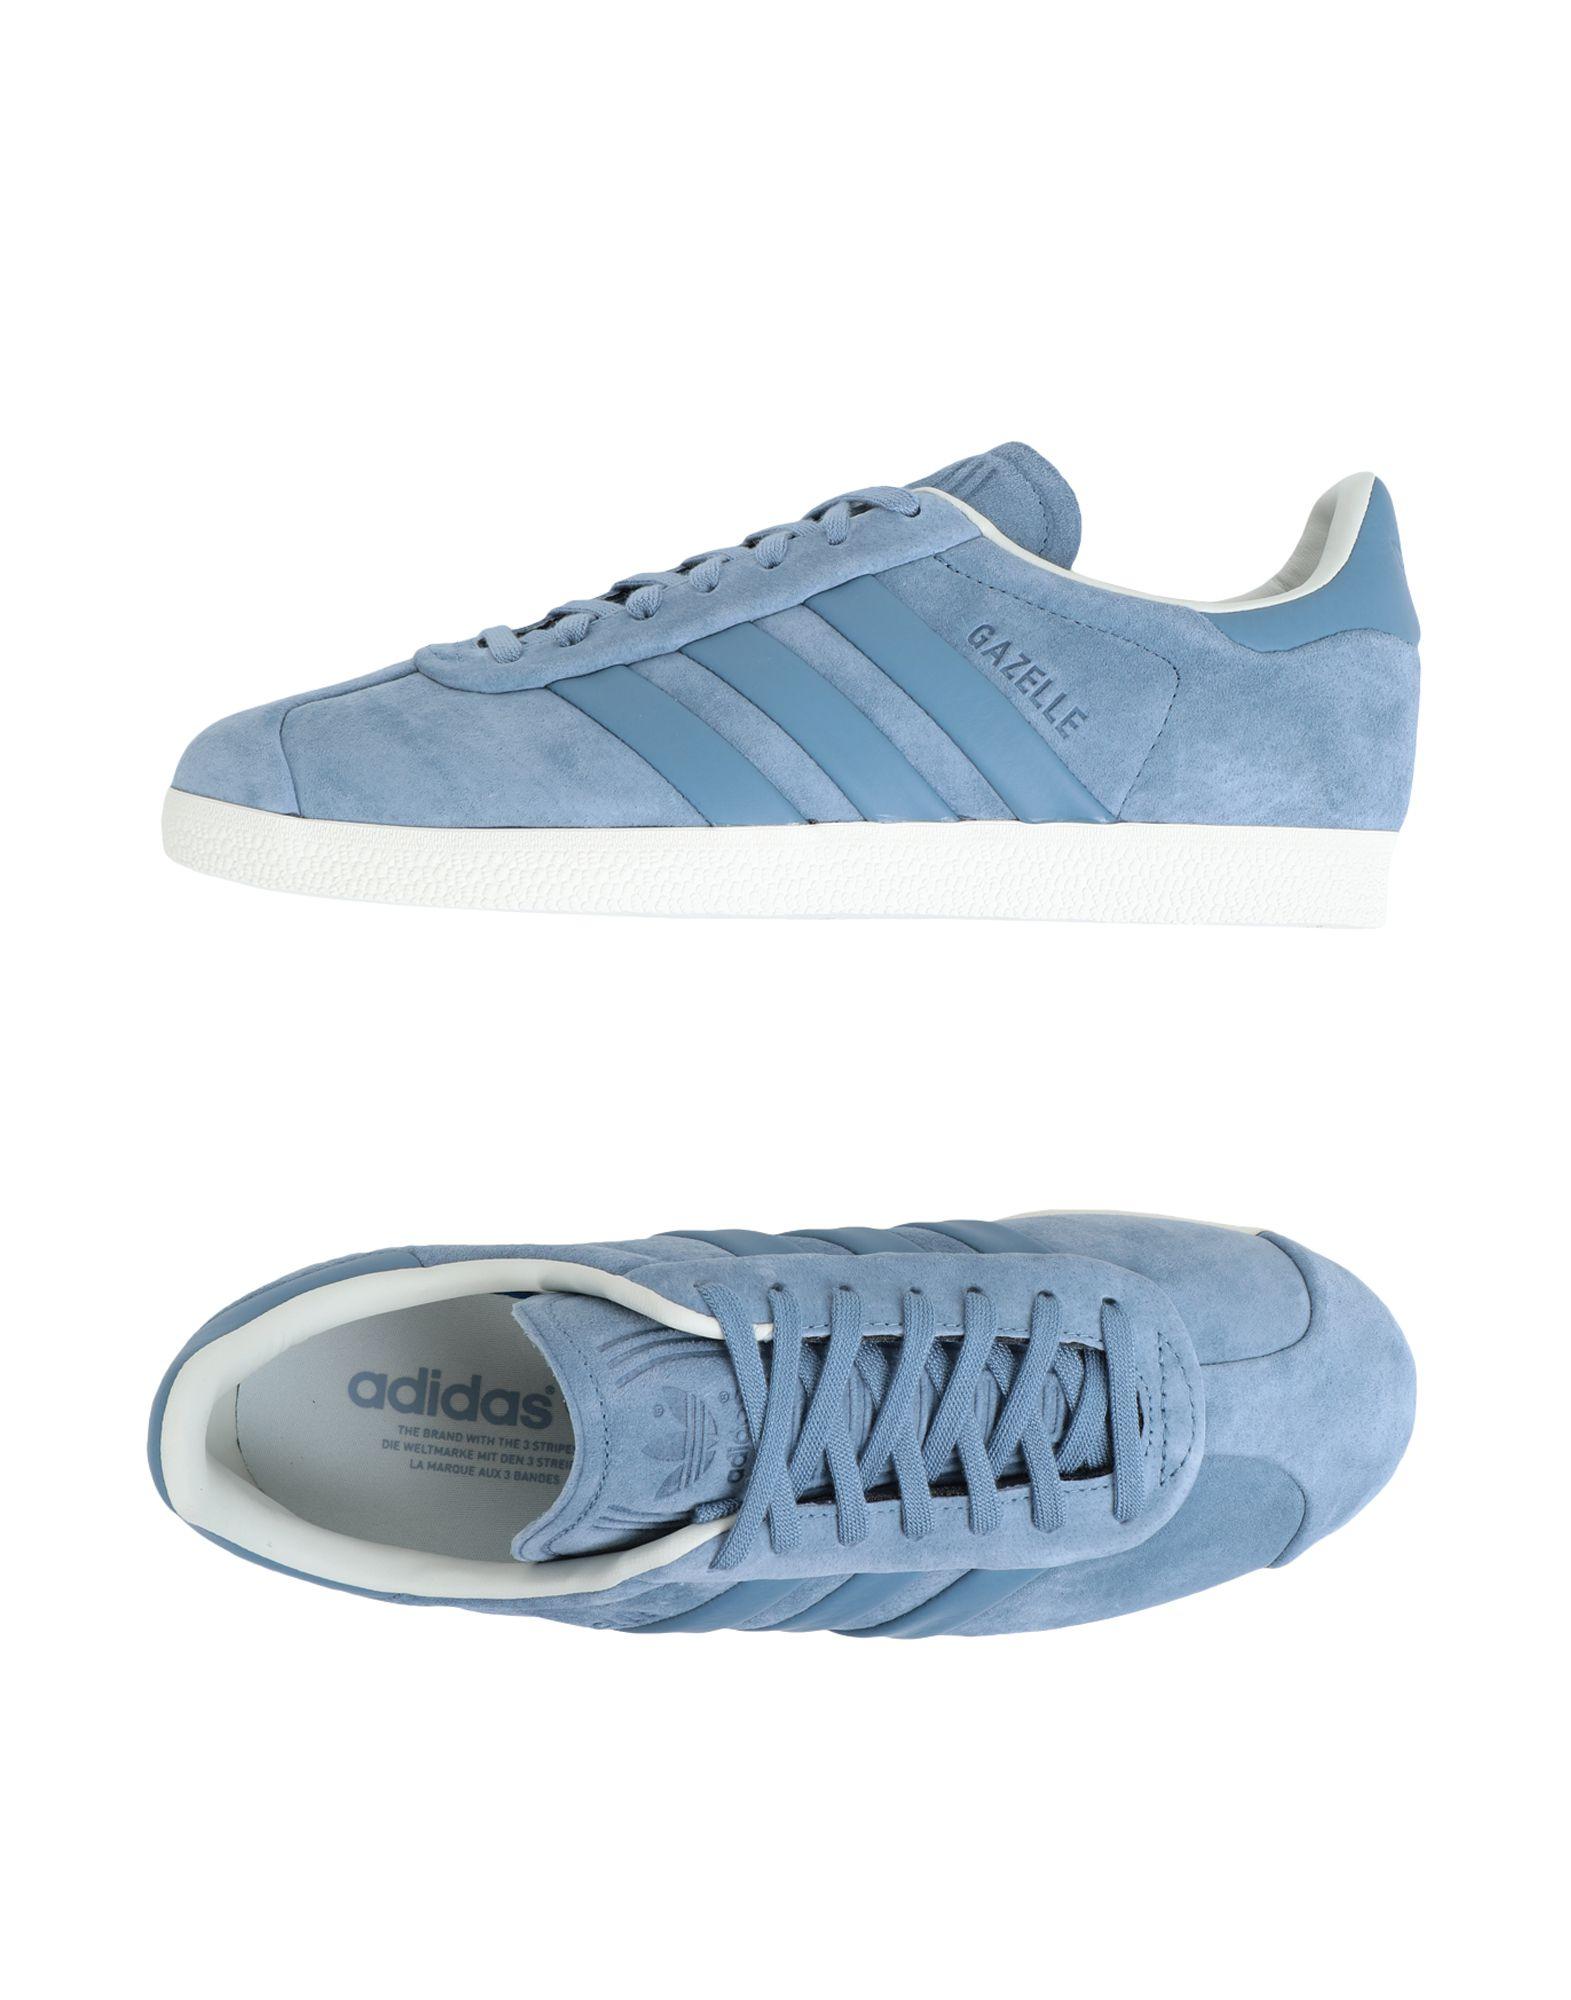 Adidas Originals Gazelle S&T - Sneakers - Women Adidas Originals Australia Sneakers online on  Australia Originals - 11570191HE 27efe2